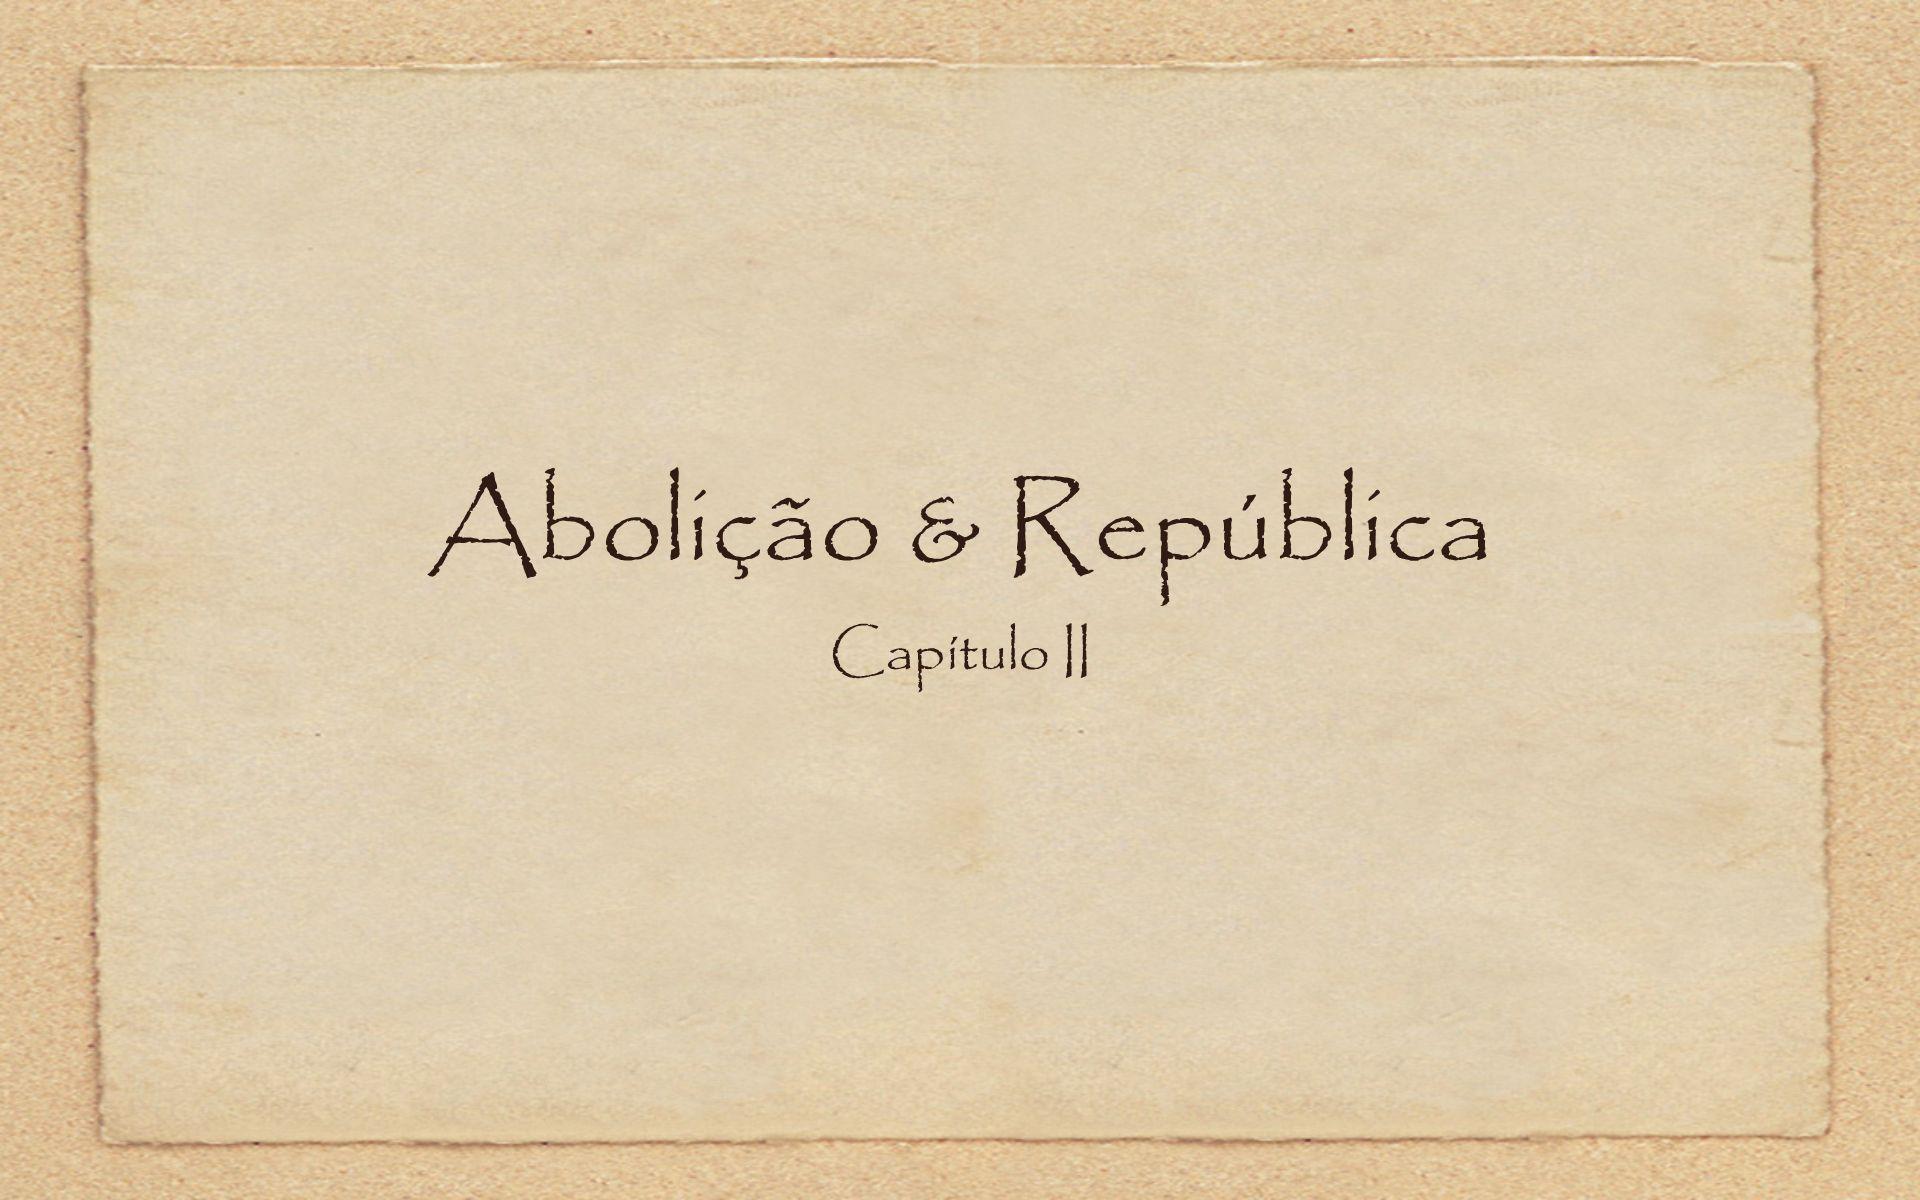 Abolição & República Capítulo II